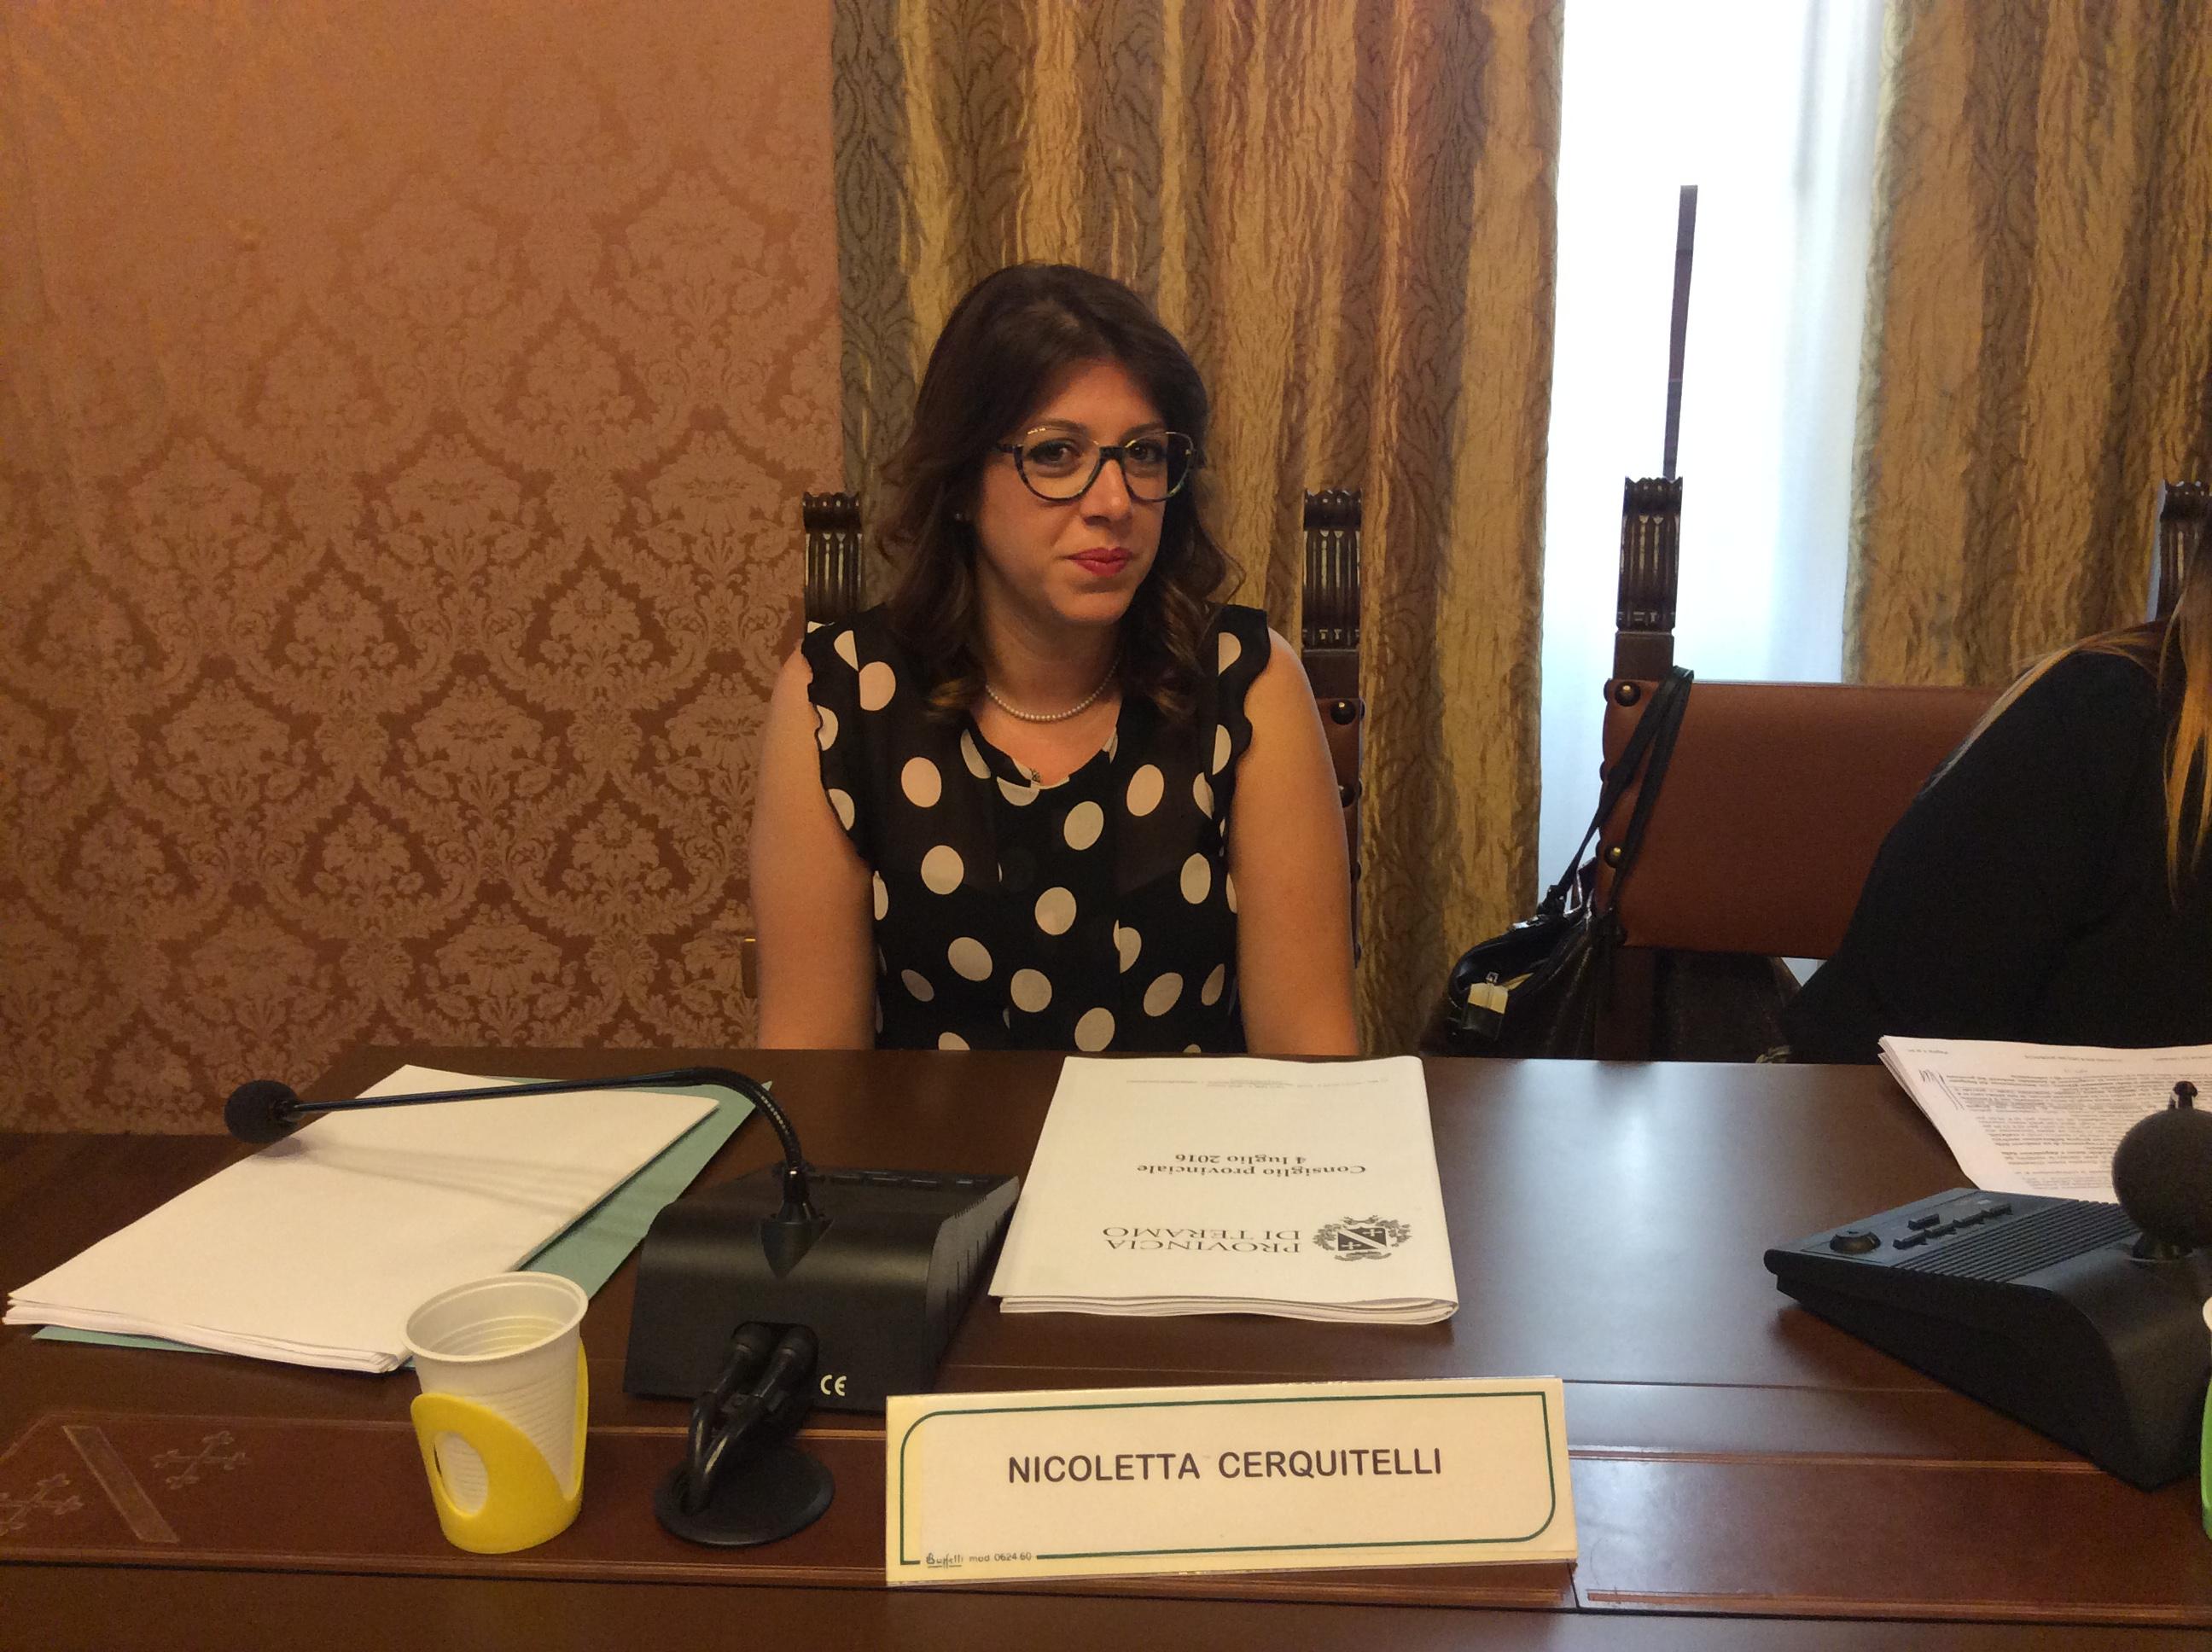 Nicoletta Cerquitelli aneurisma